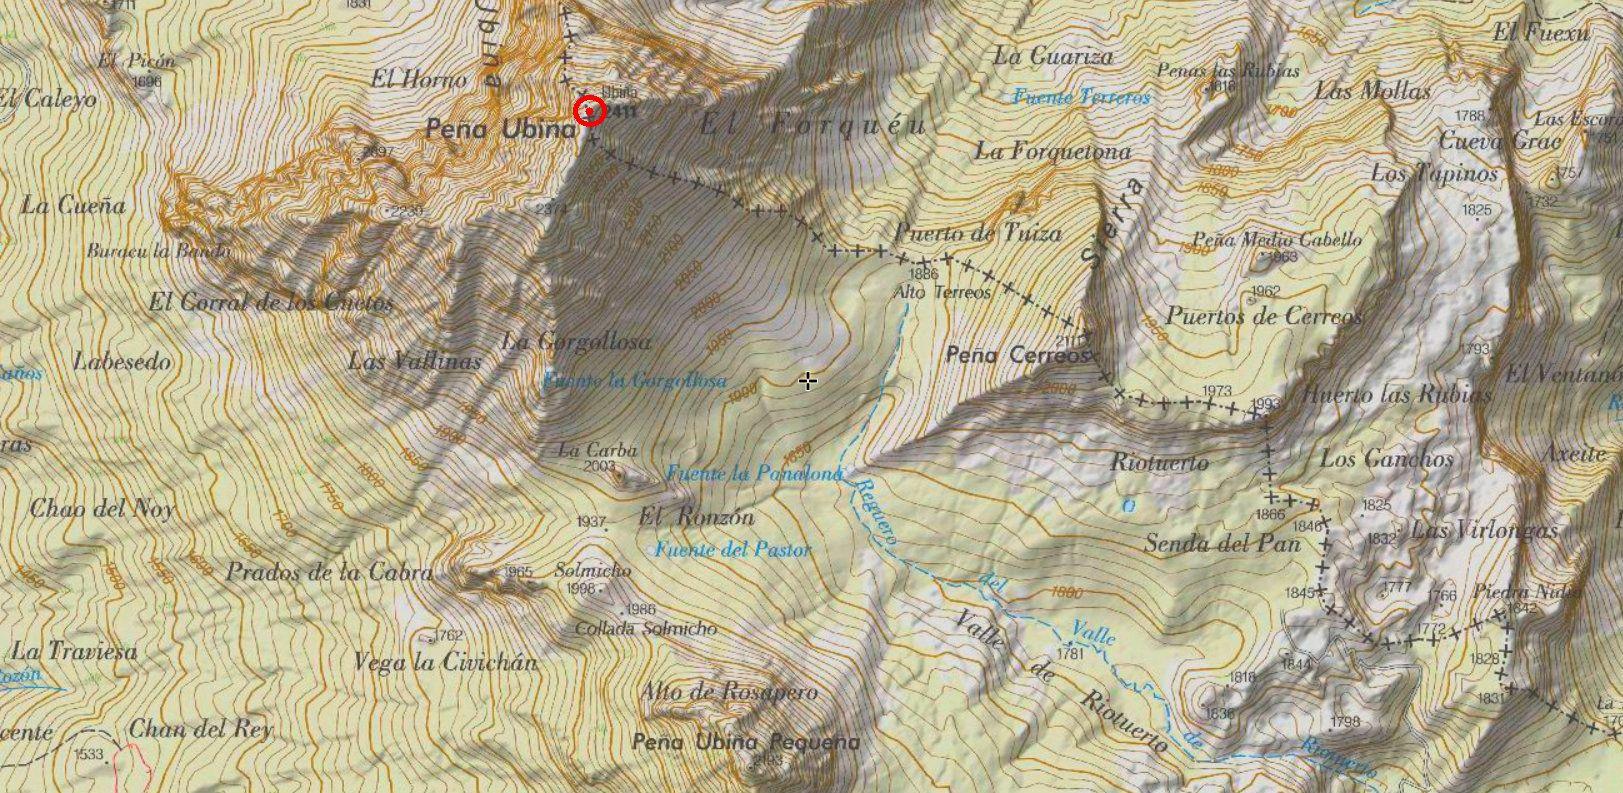 mapa ubiña